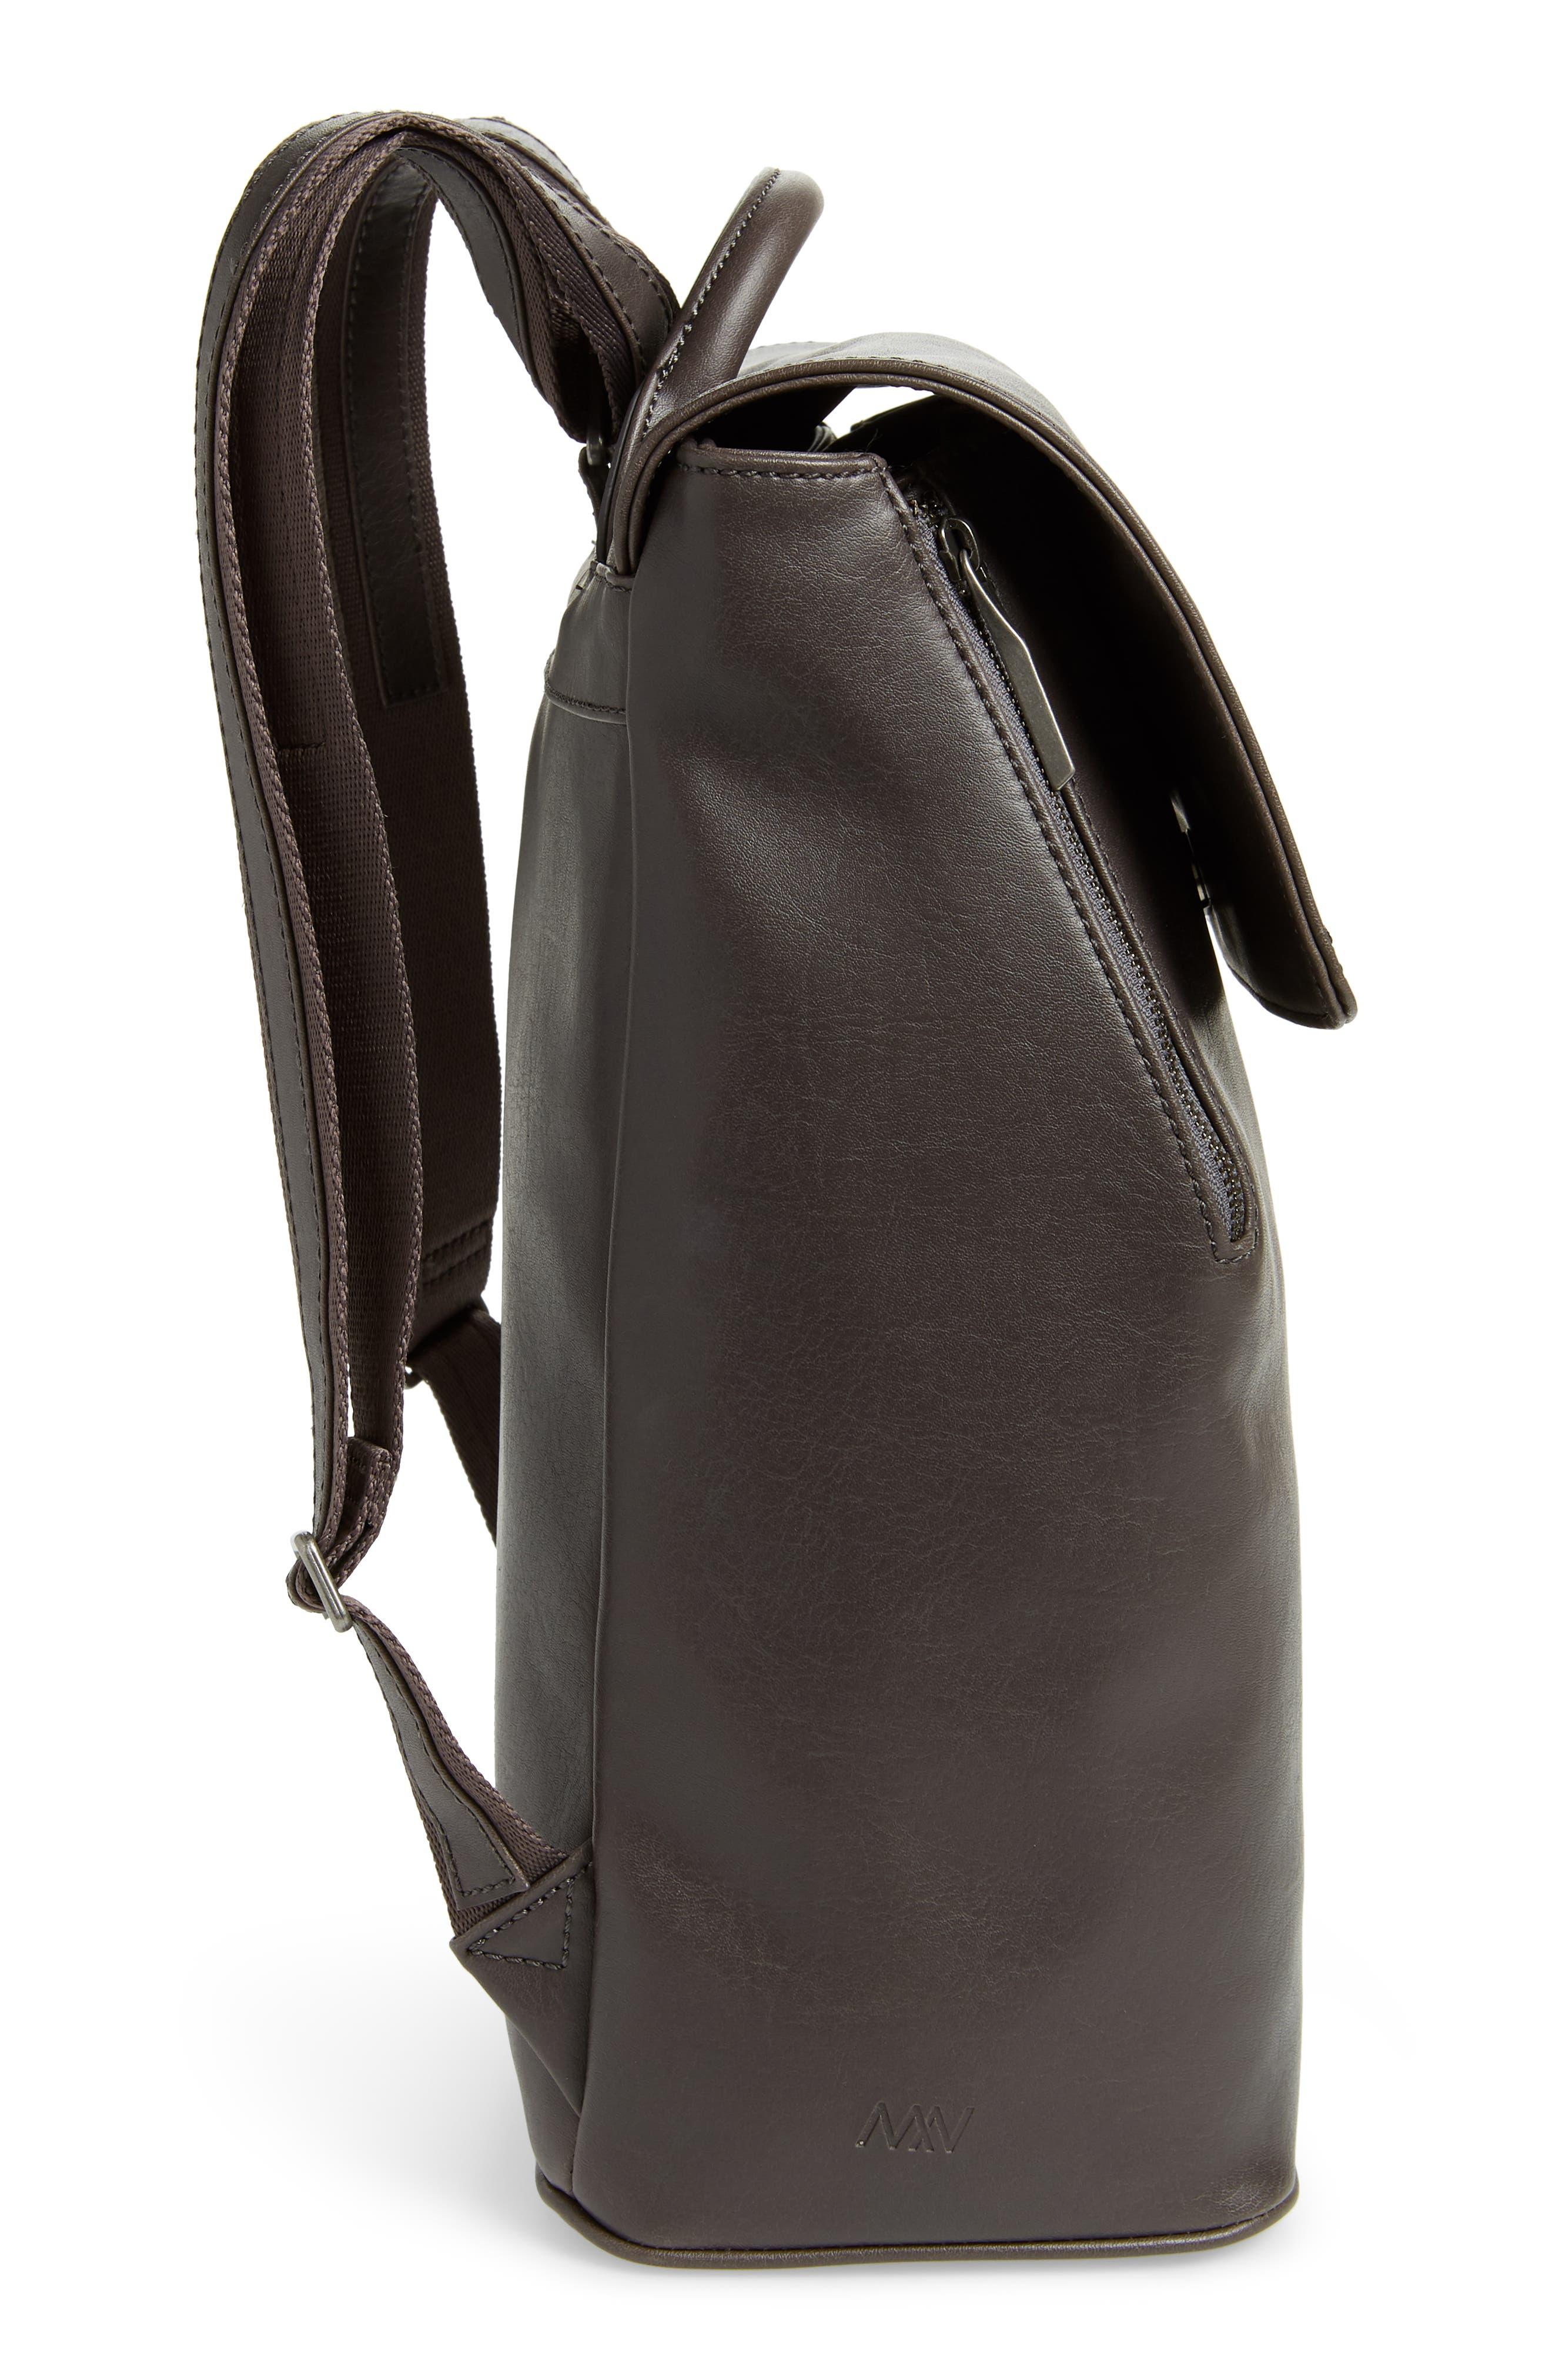 MATT & NAT,                             'Fabi' Faux Leather Laptop Backpack,                             Alternate thumbnail 5, color,                             NO_COLOR